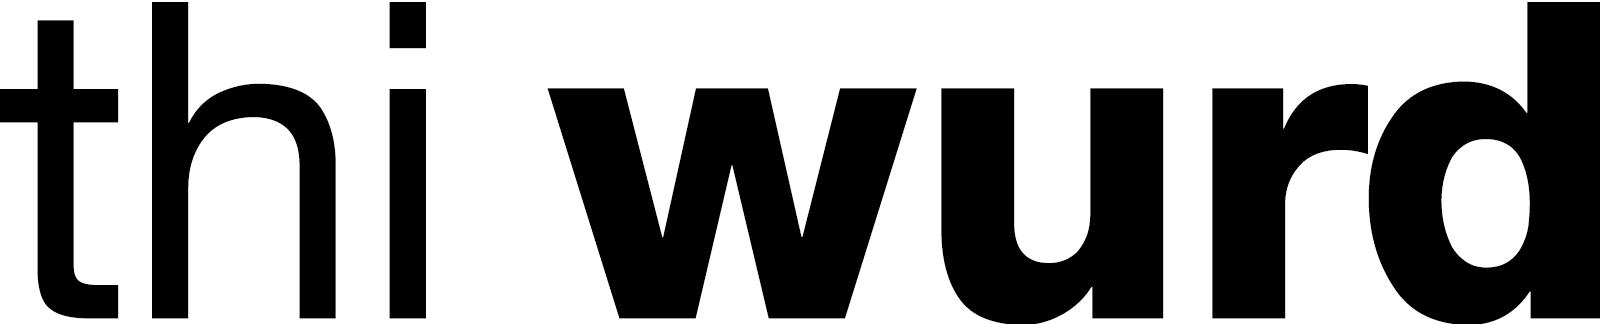 thi wurd-